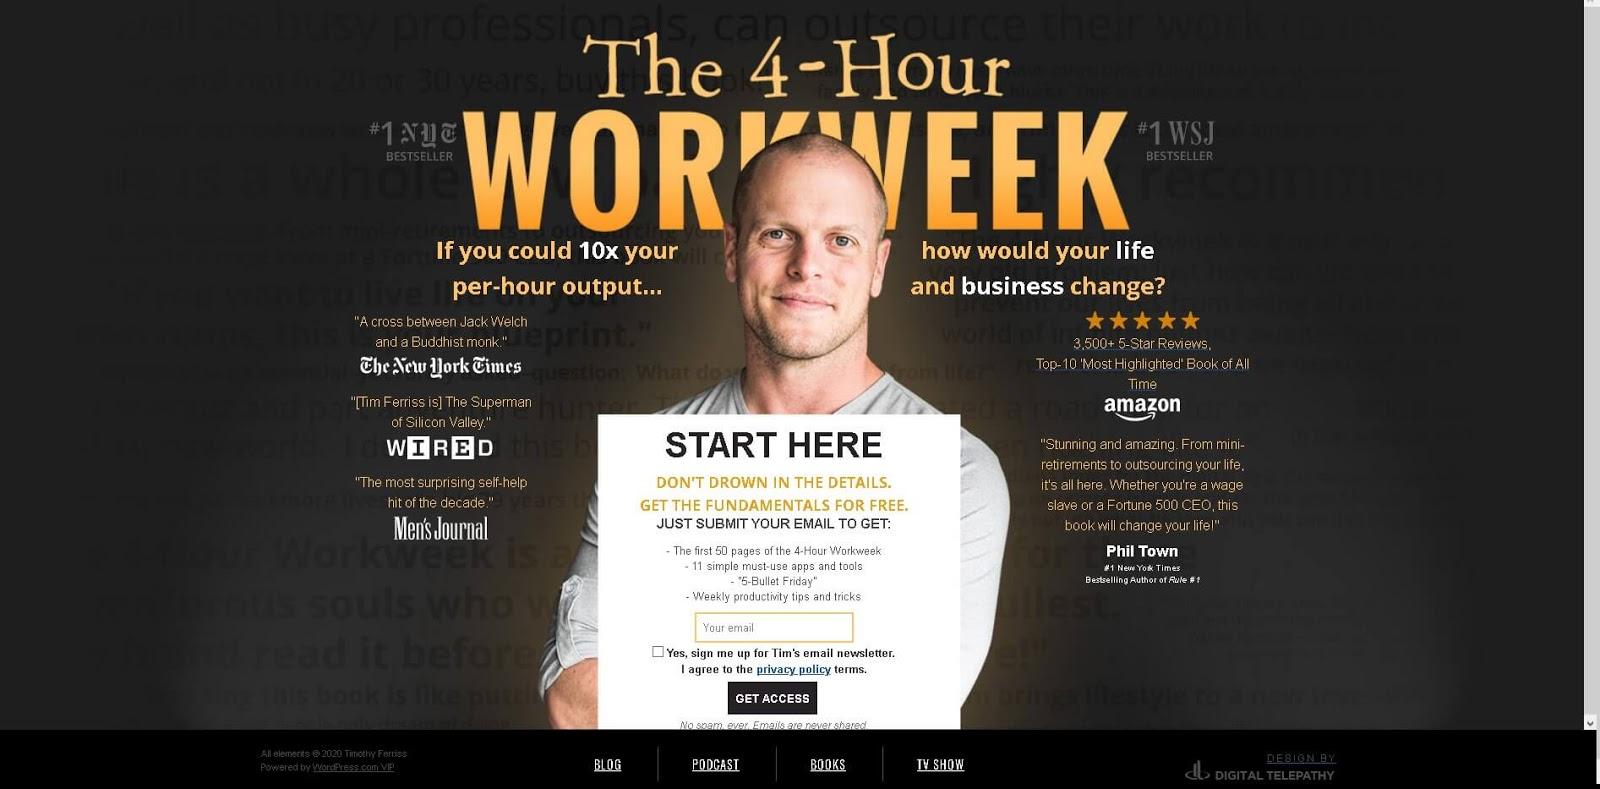 primer-nishi-dlya-bloga-the-4-hour-work-week